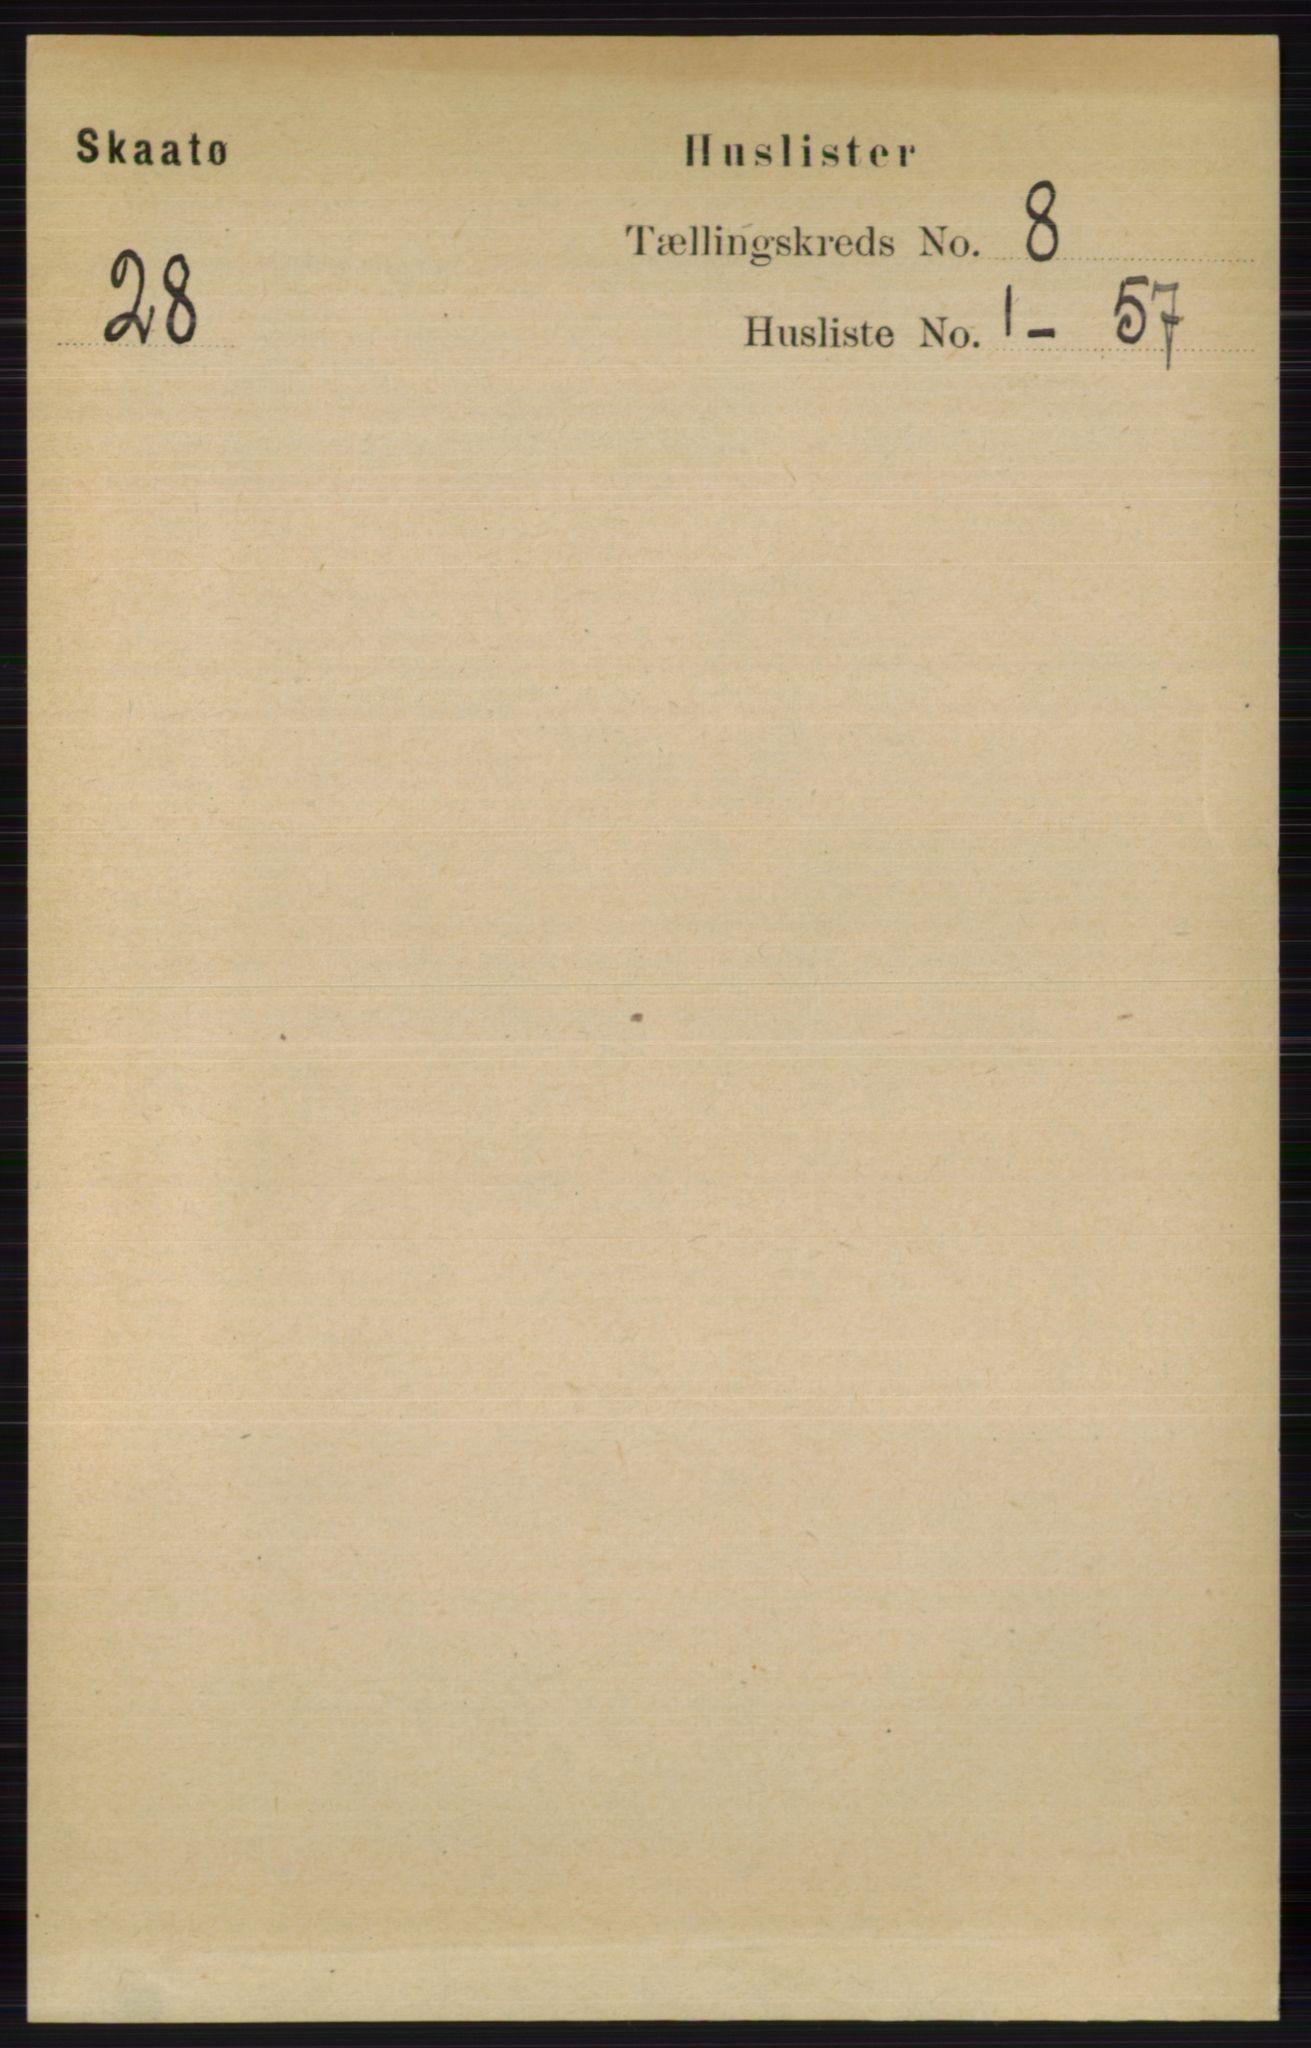 RA, Folketelling 1891 for 0815 Skåtøy herred, 1891, s. 3471